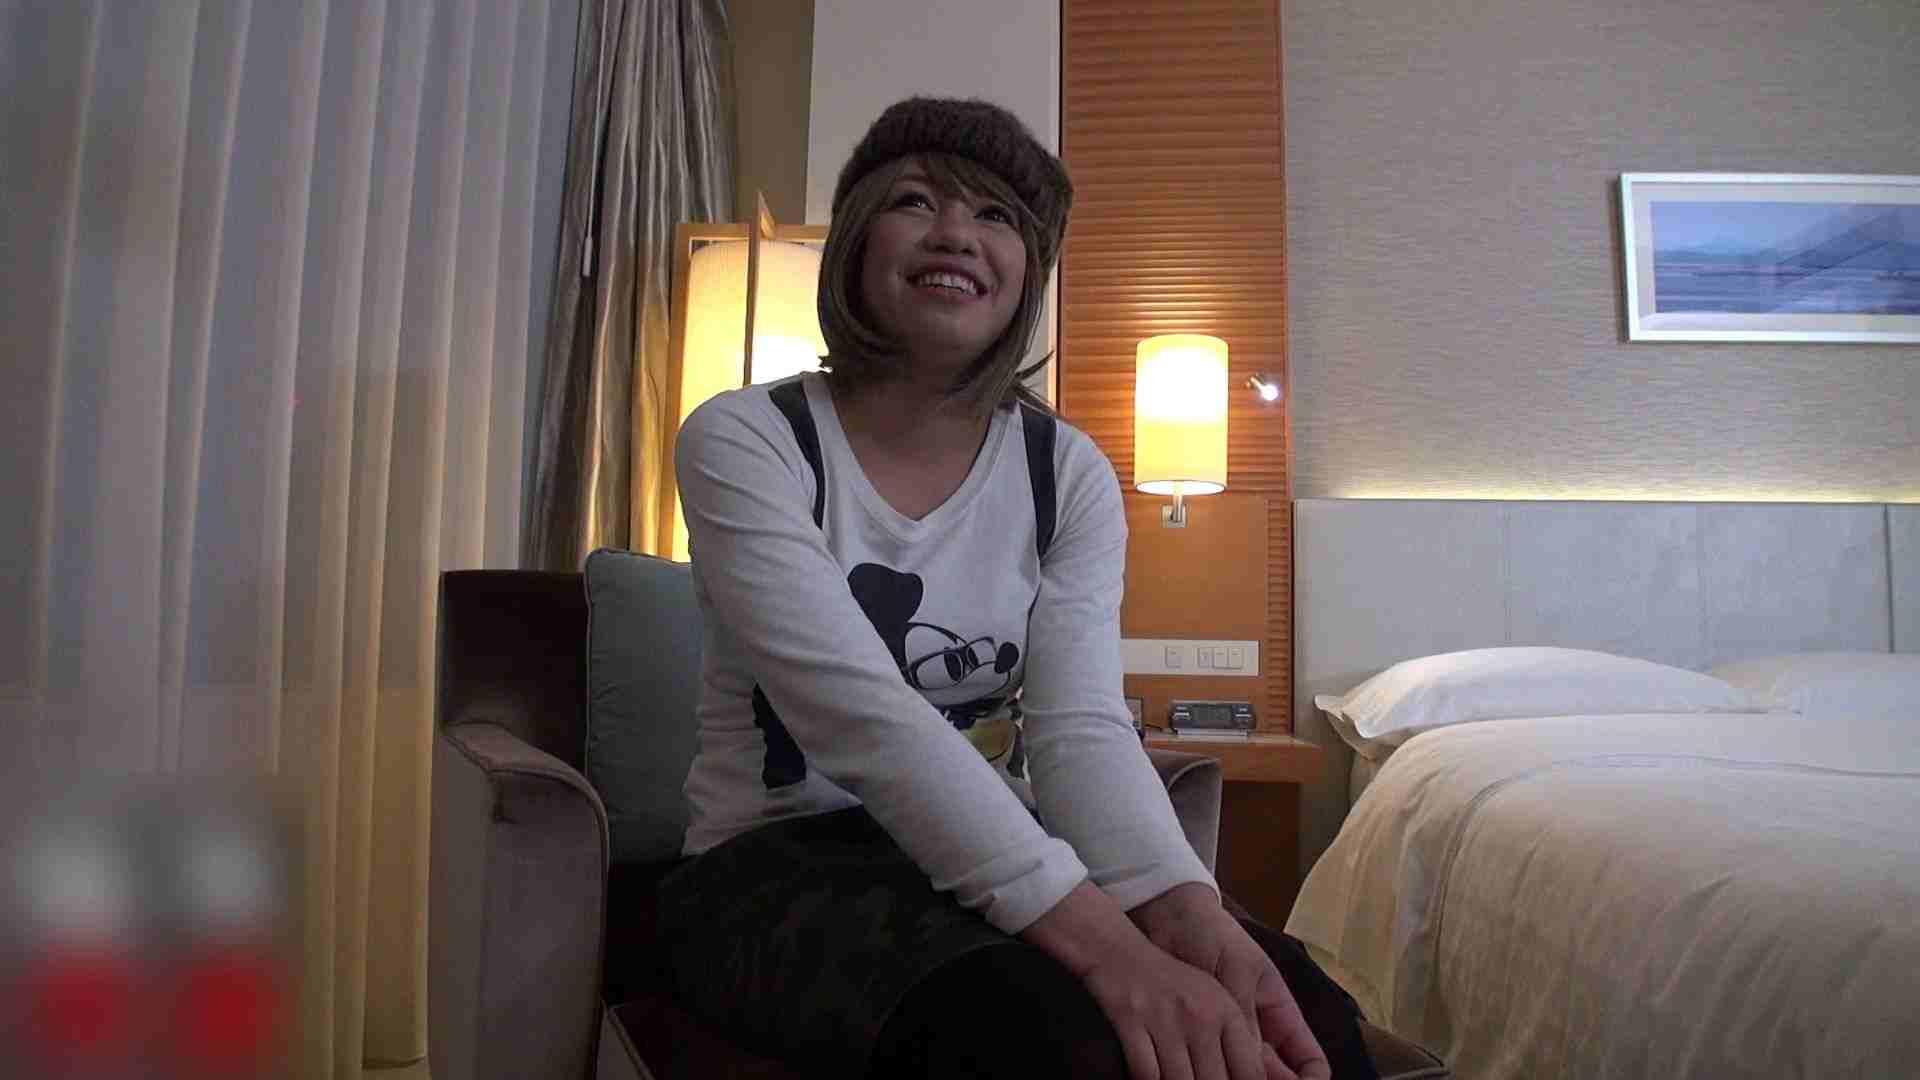 S級厳選美女ビッチガールVol.42 前編 すけべなOL アダルト動画キャプチャ 83画像 2